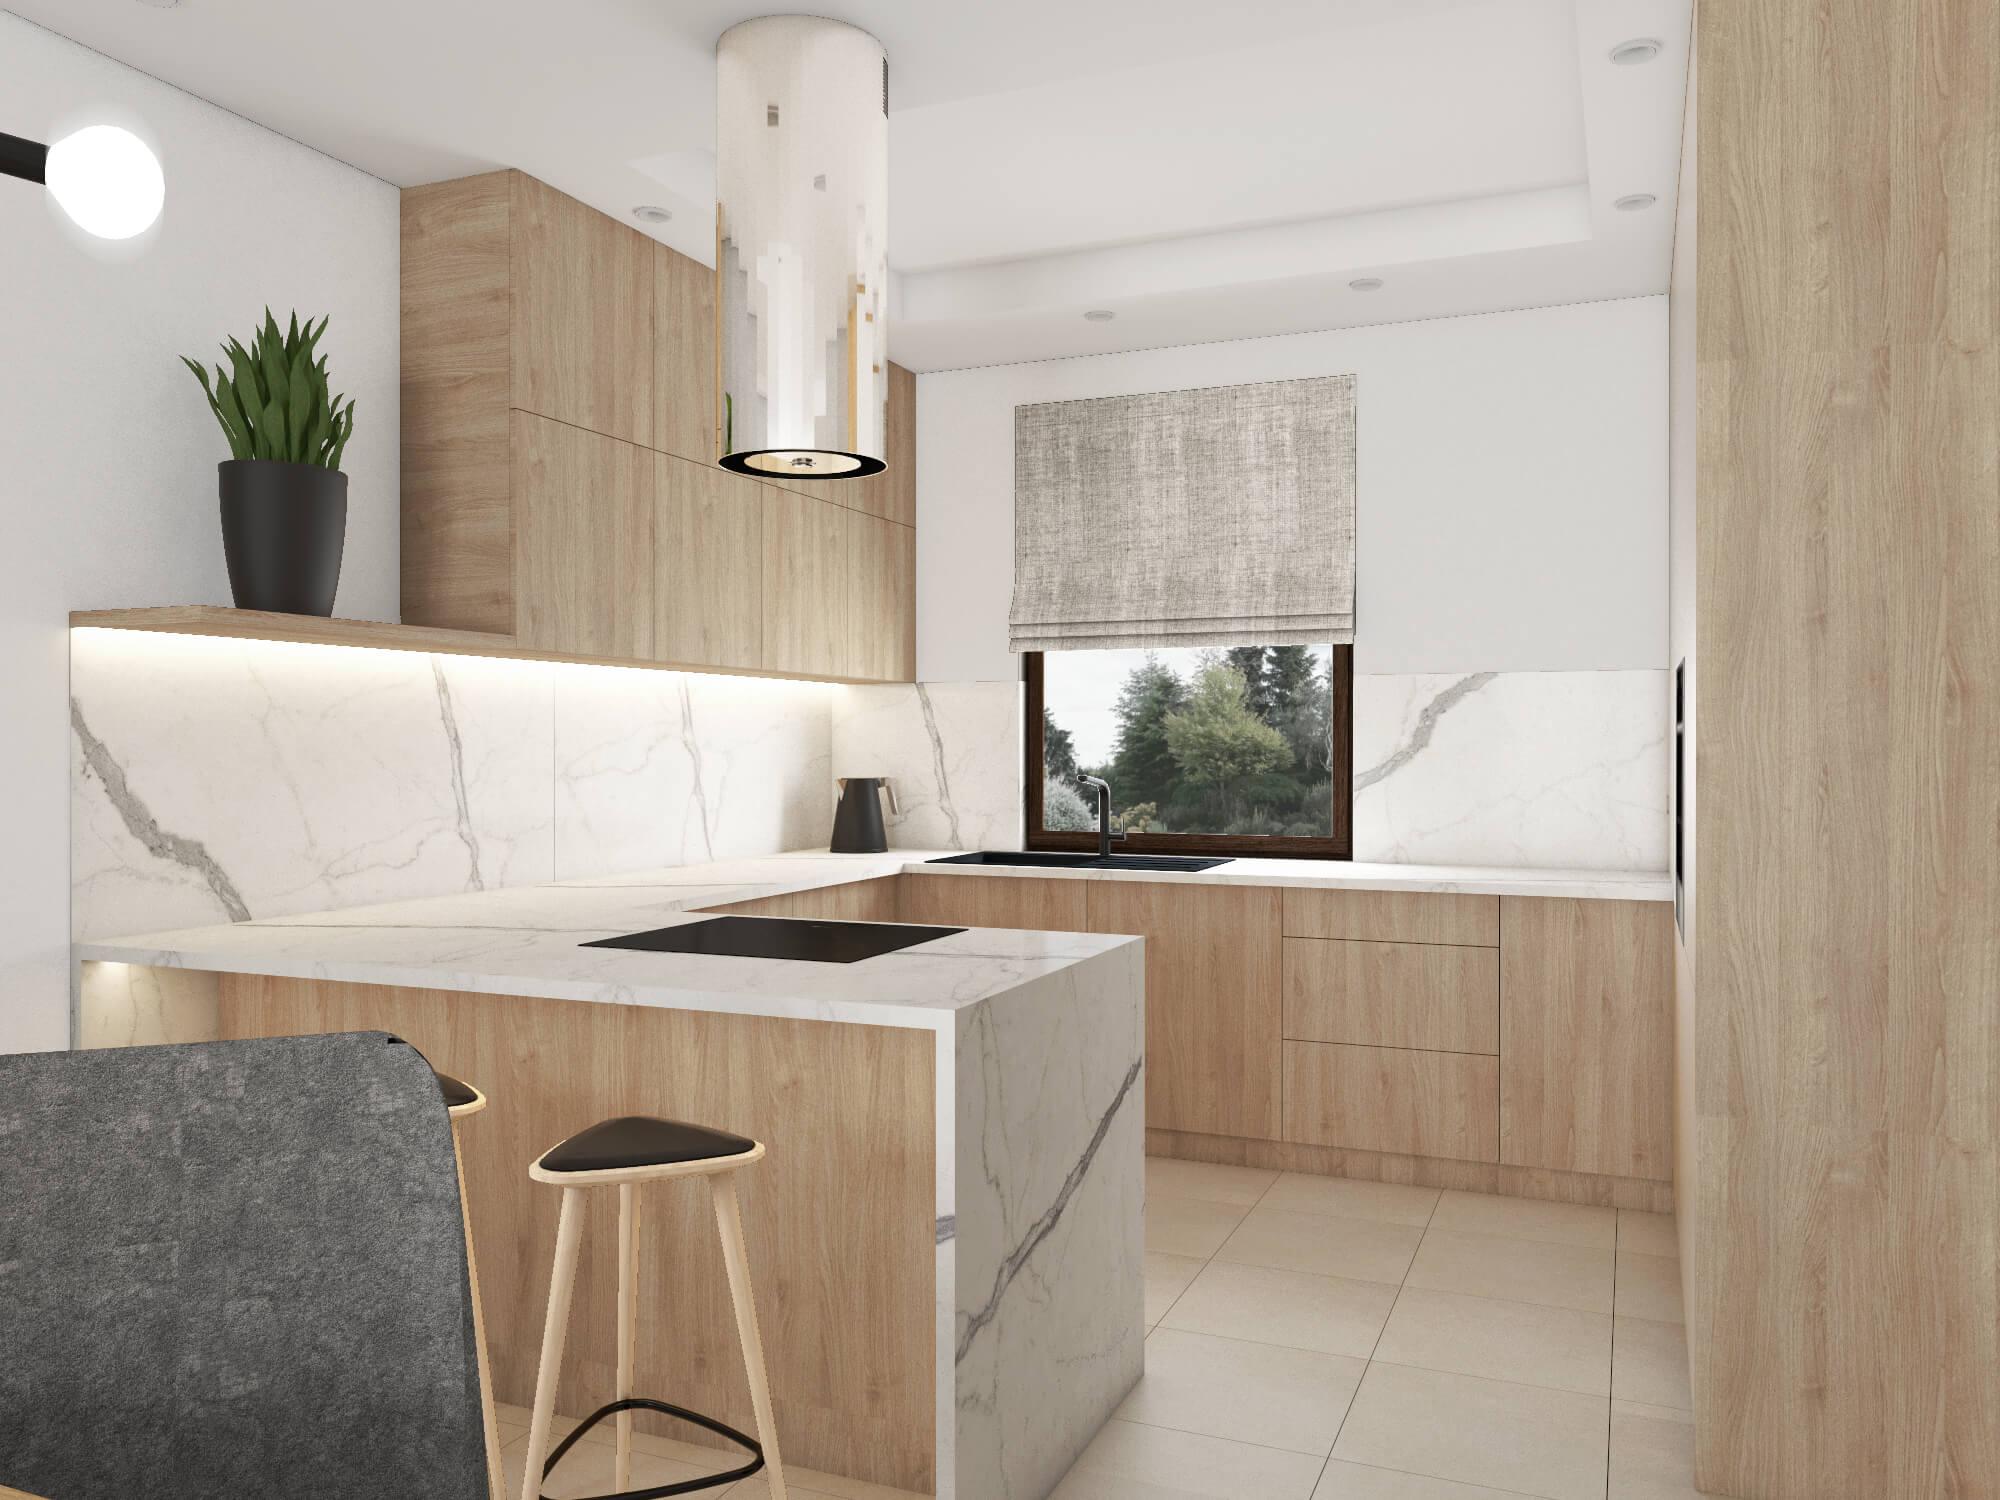 Biało drewniana kuchnia otwarta na salon